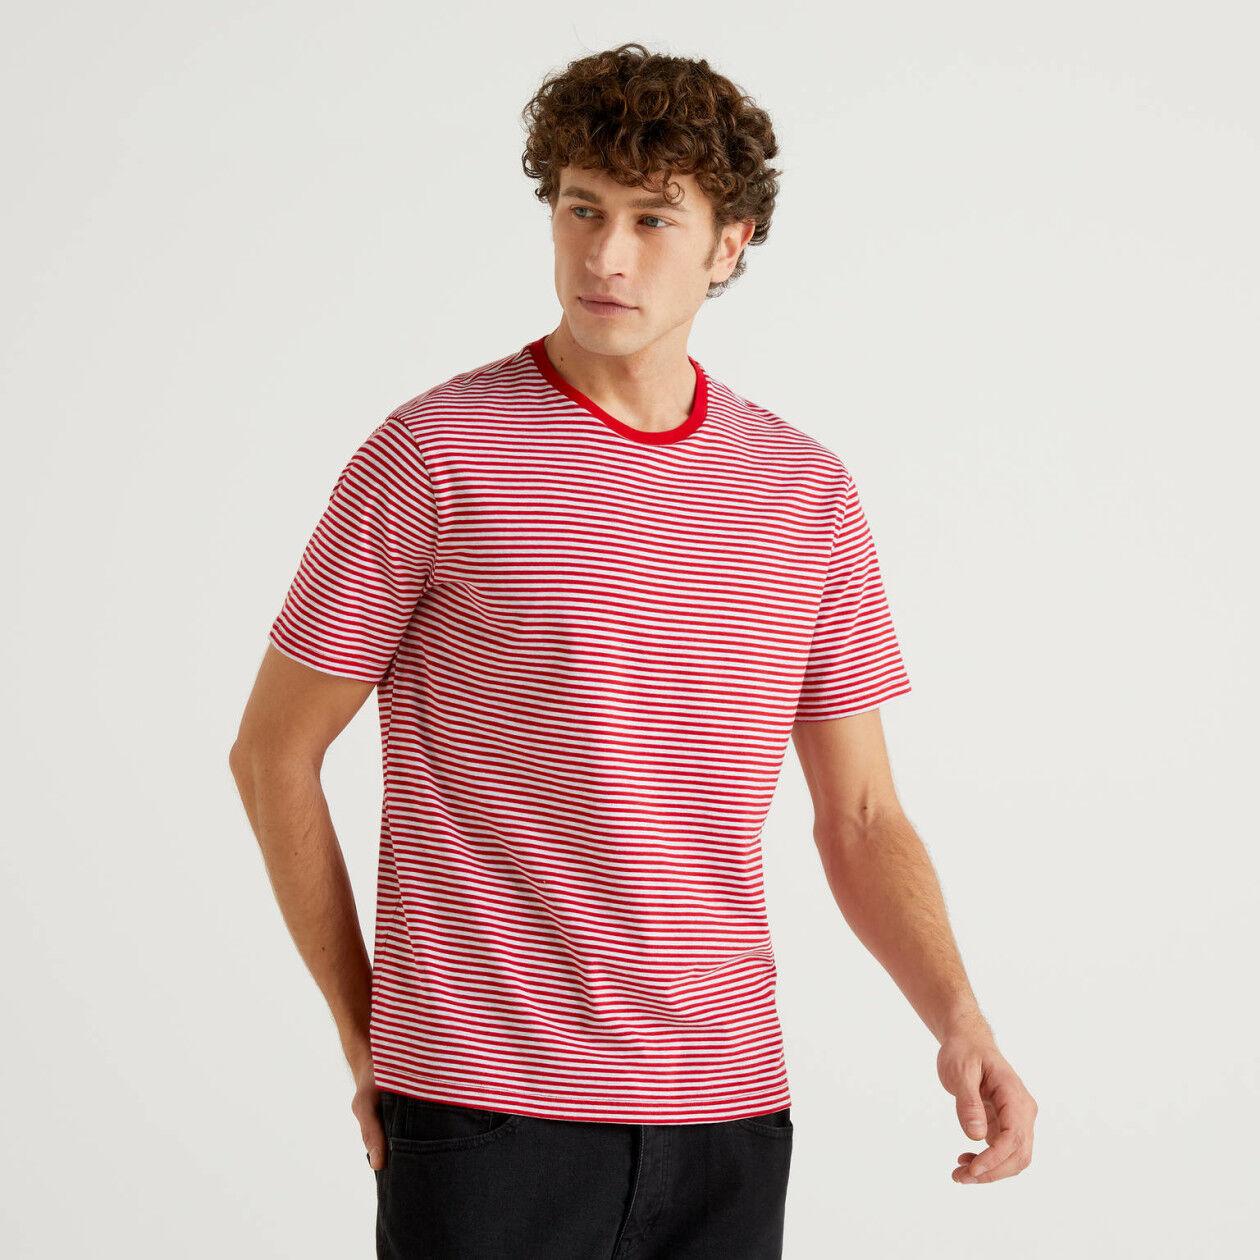 Camiseta de rayas bicolores